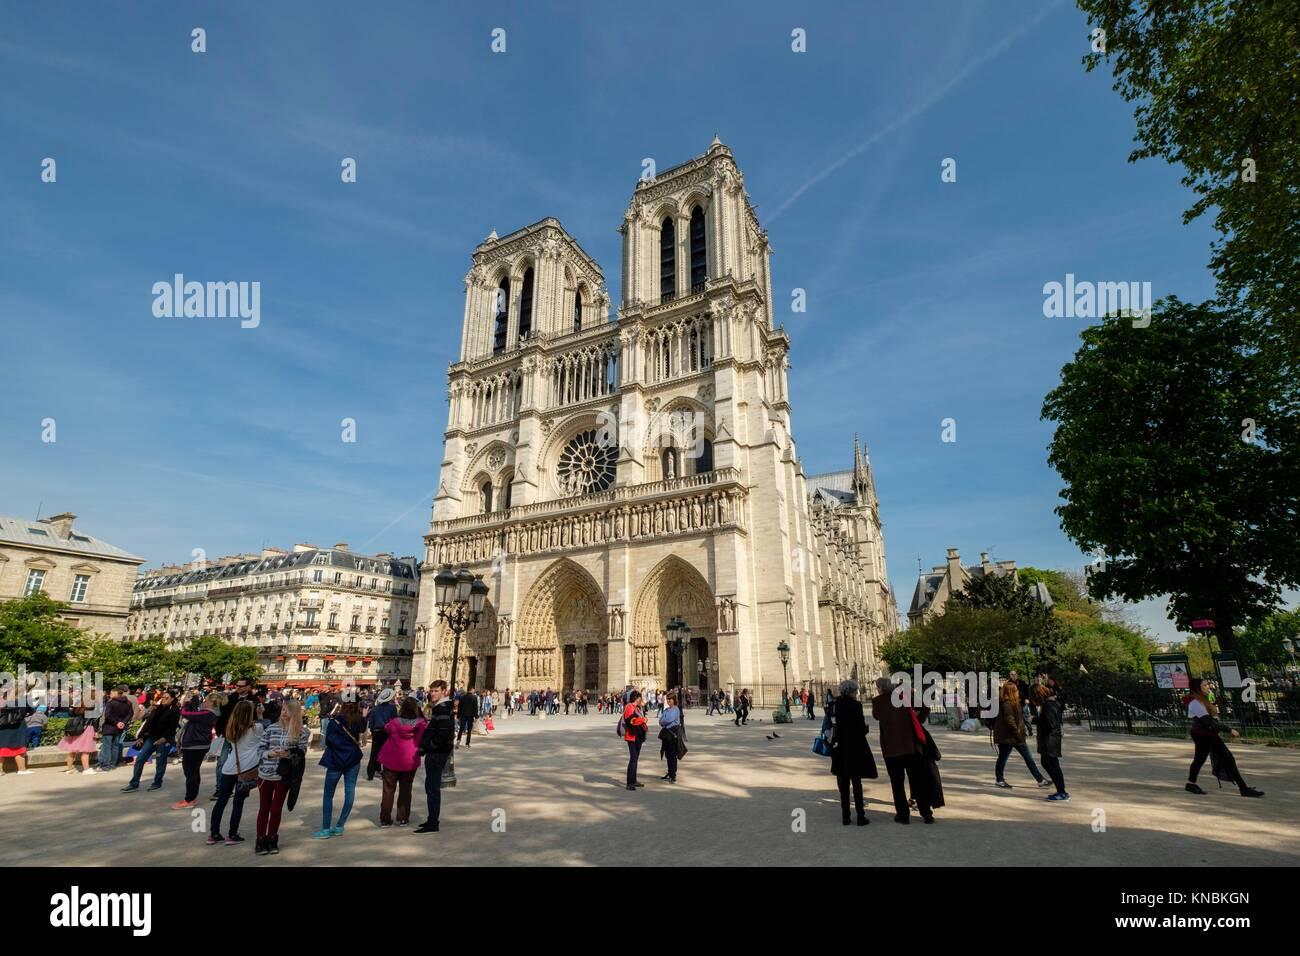 La fachada occidental, la catedral de Notre Dame, París, Francia Foto de stock